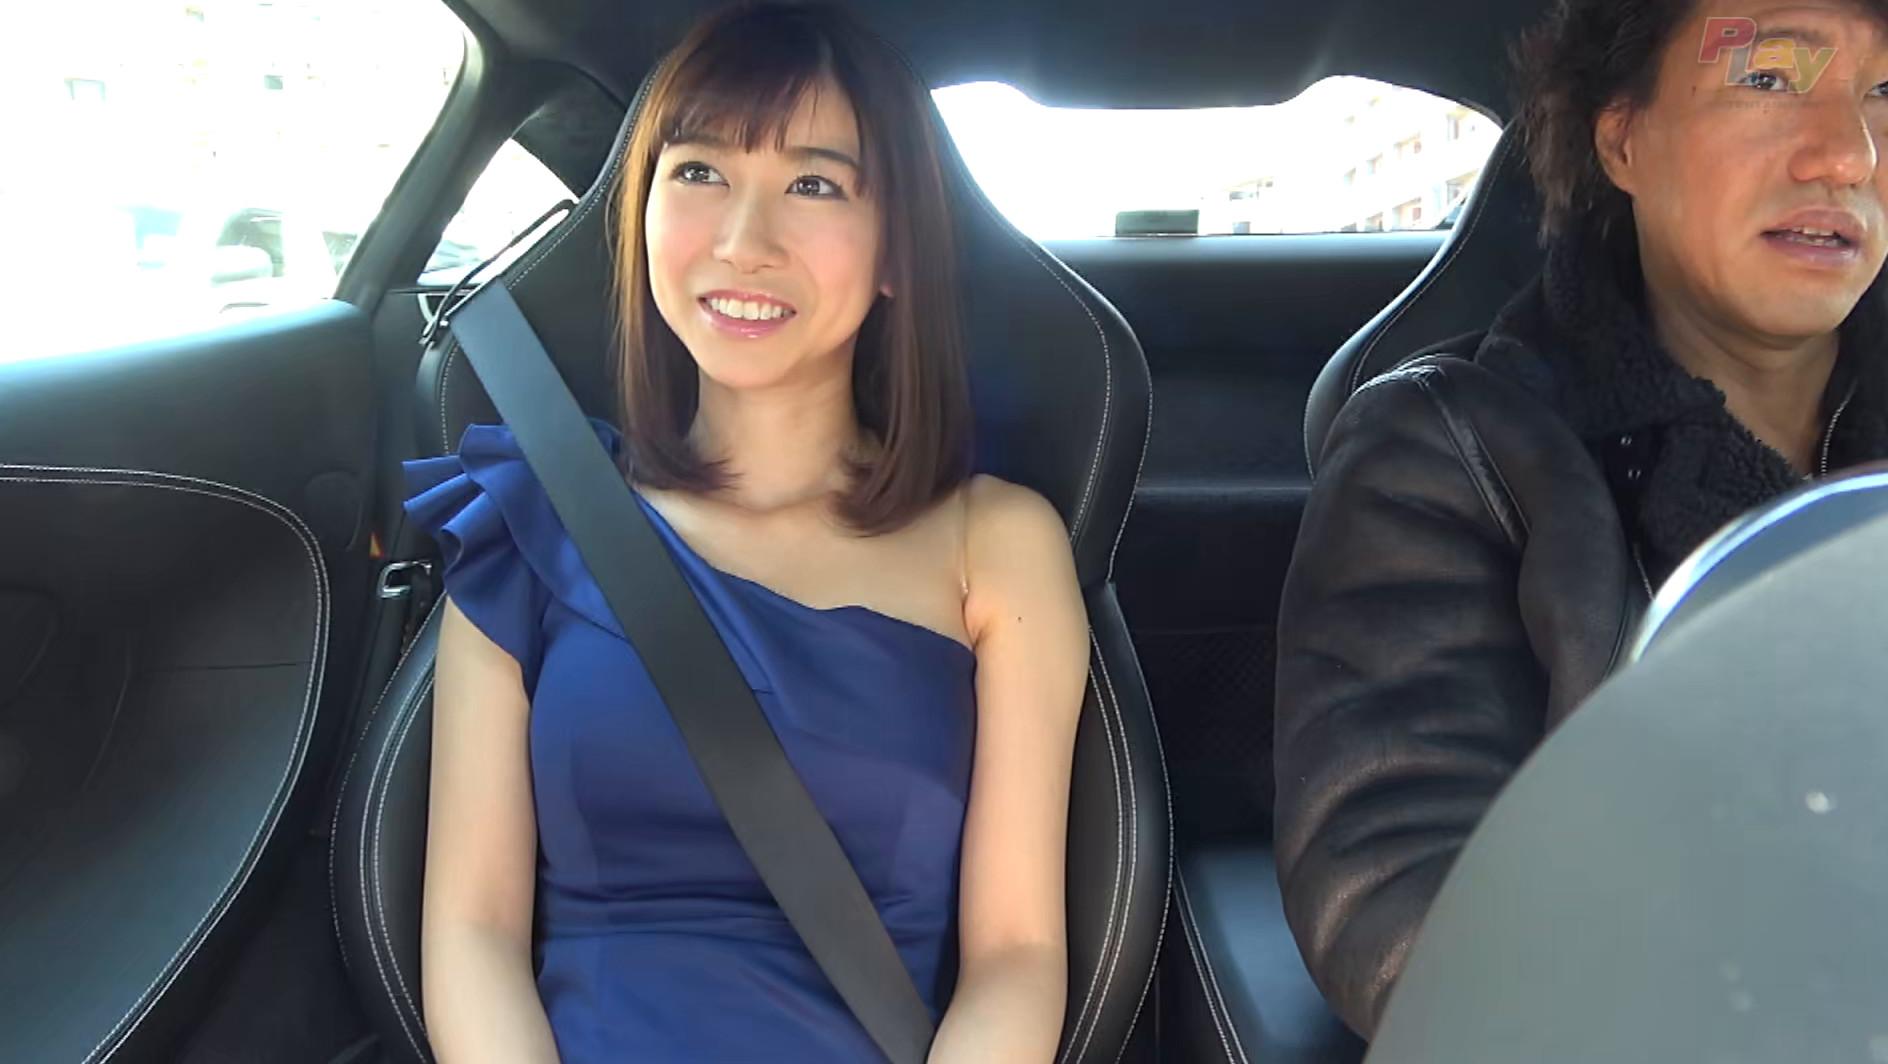 極上美女と愉しむ高級カーセックス HIGH END CAR SEX 黒川すみれ/希のぞみ,のサンプル画像1